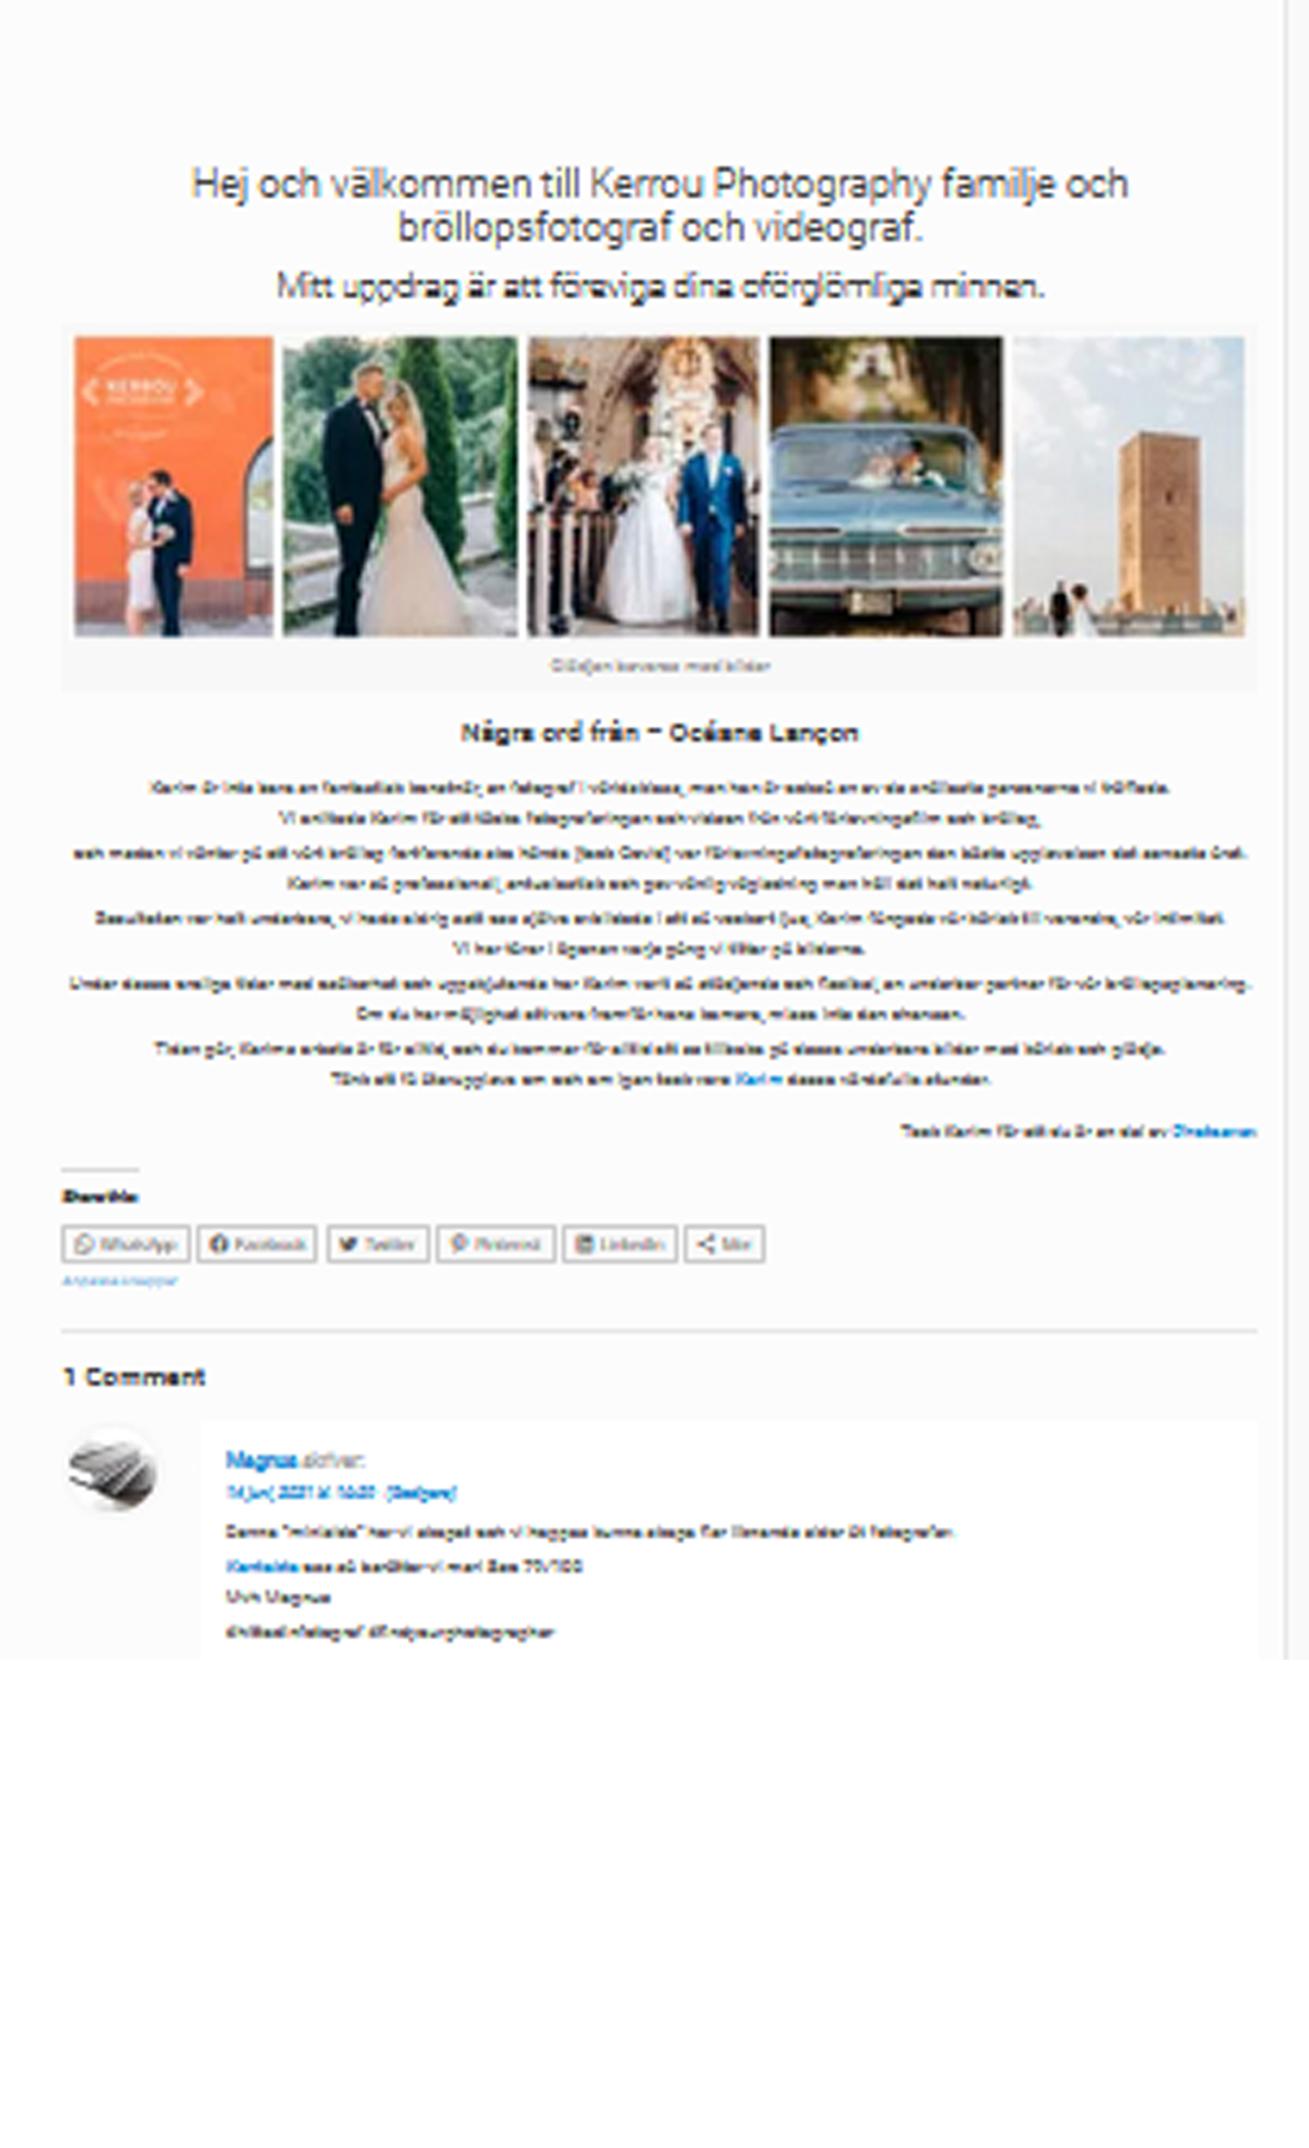 minisida-hos-photoever4